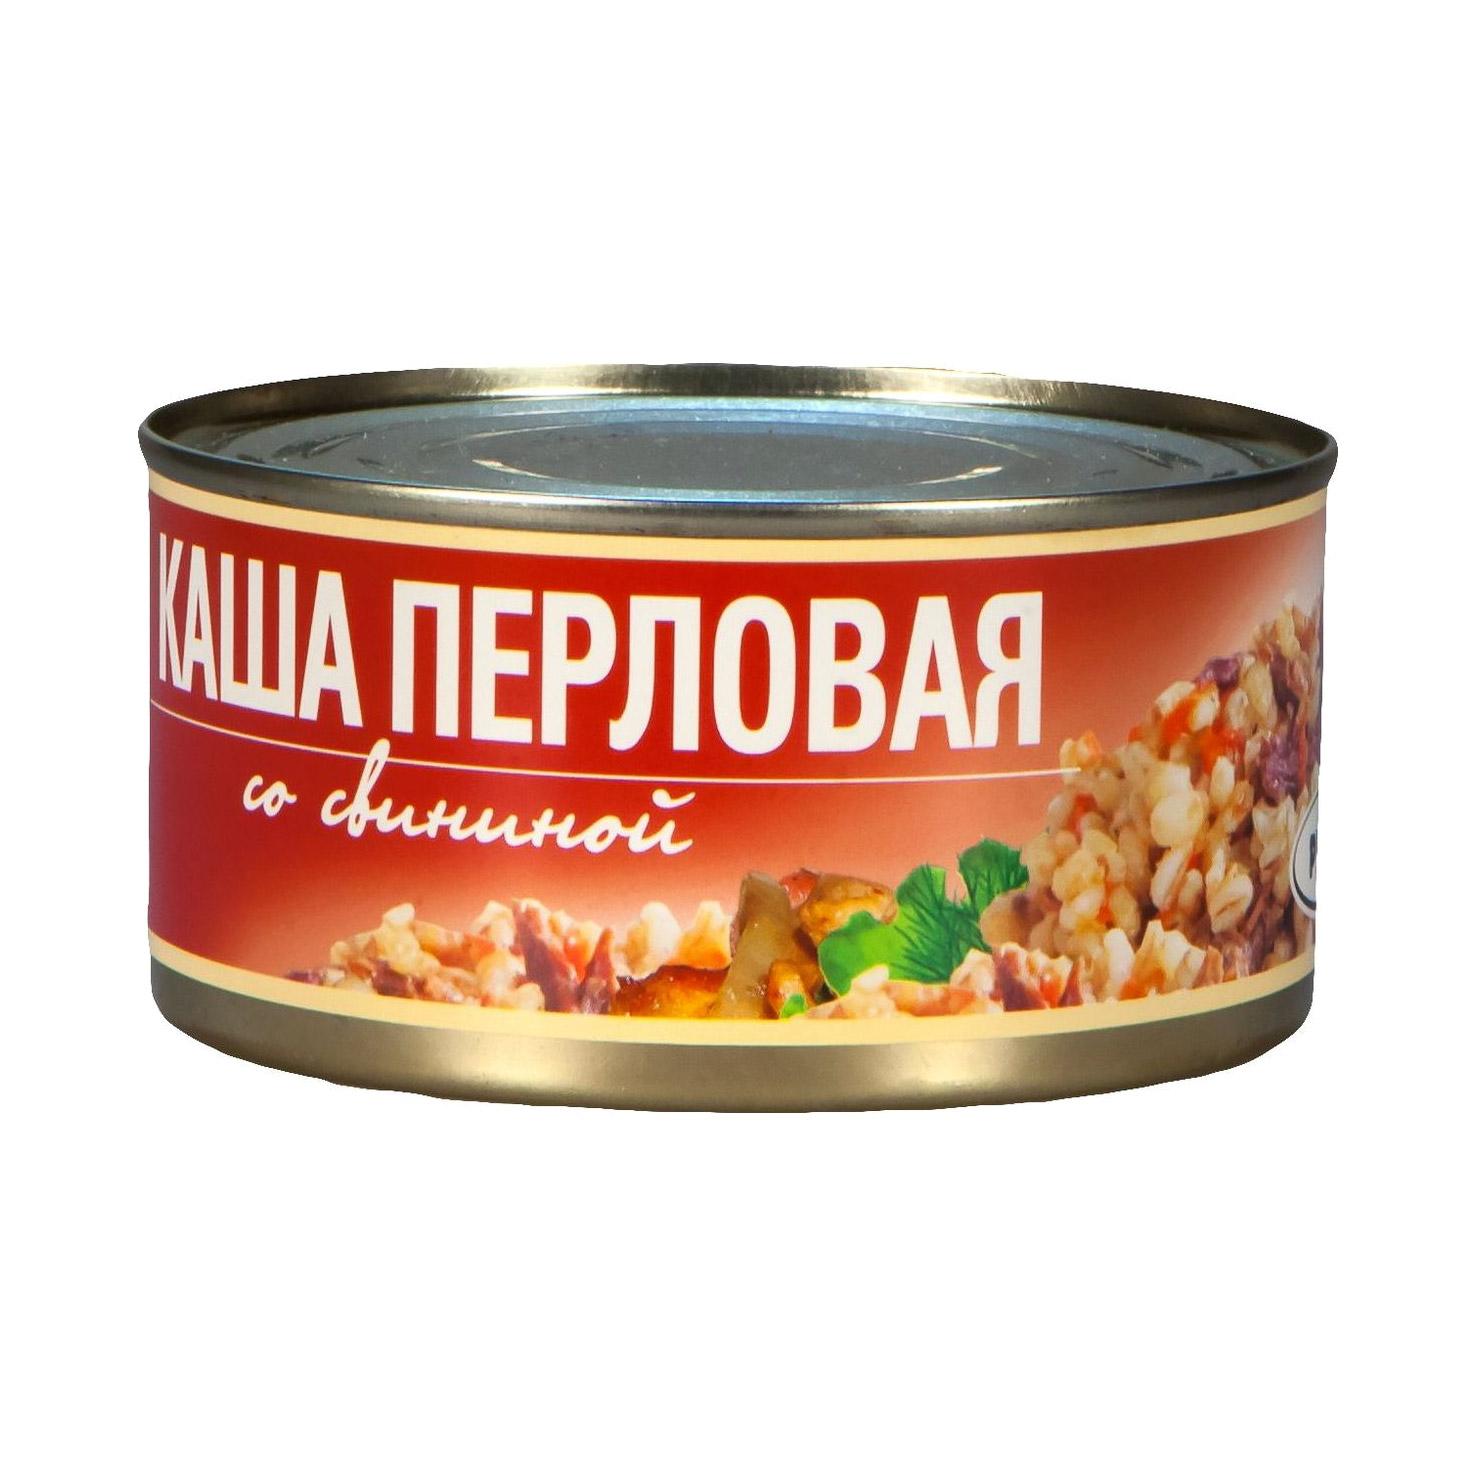 Фото - Каша перловая Рузком со свининой 325 г плов рузком узбекский с говядиной 325 г